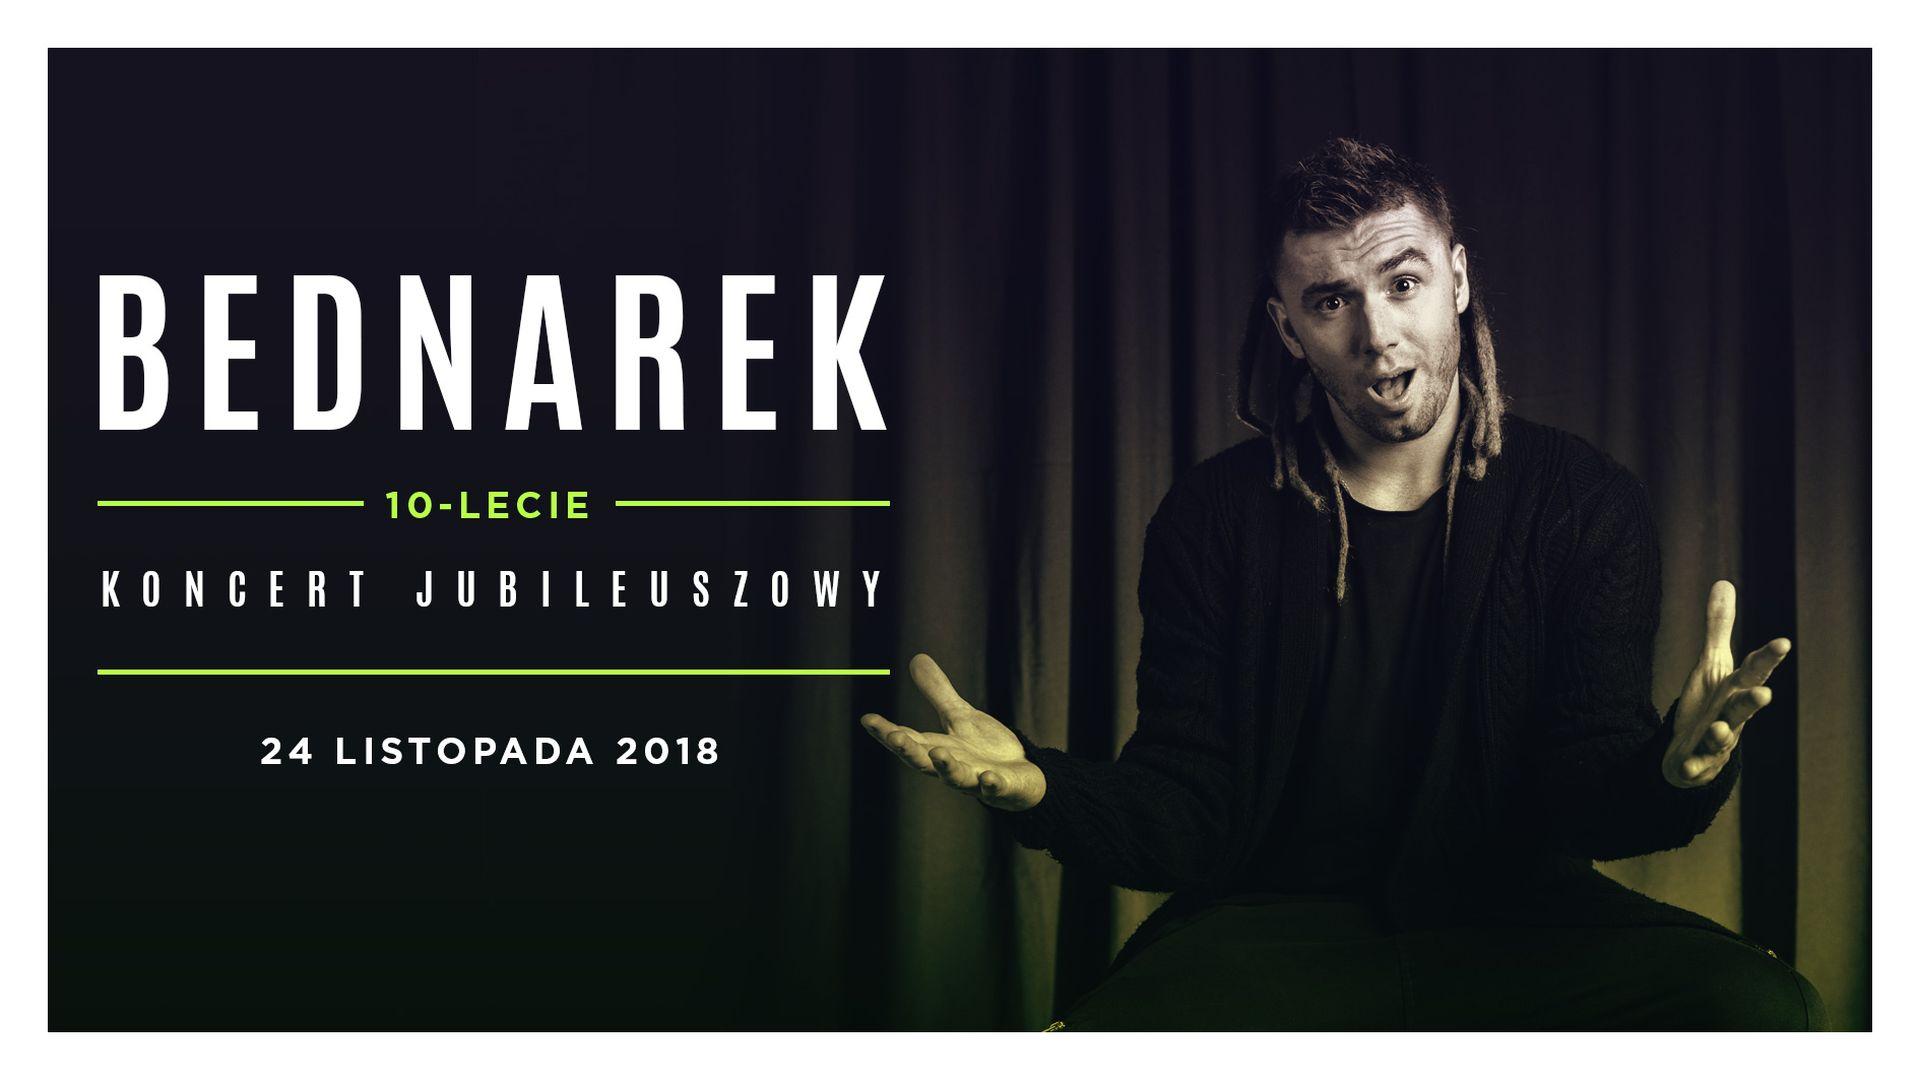 Bilety kolekcjonerskie - Bednarek